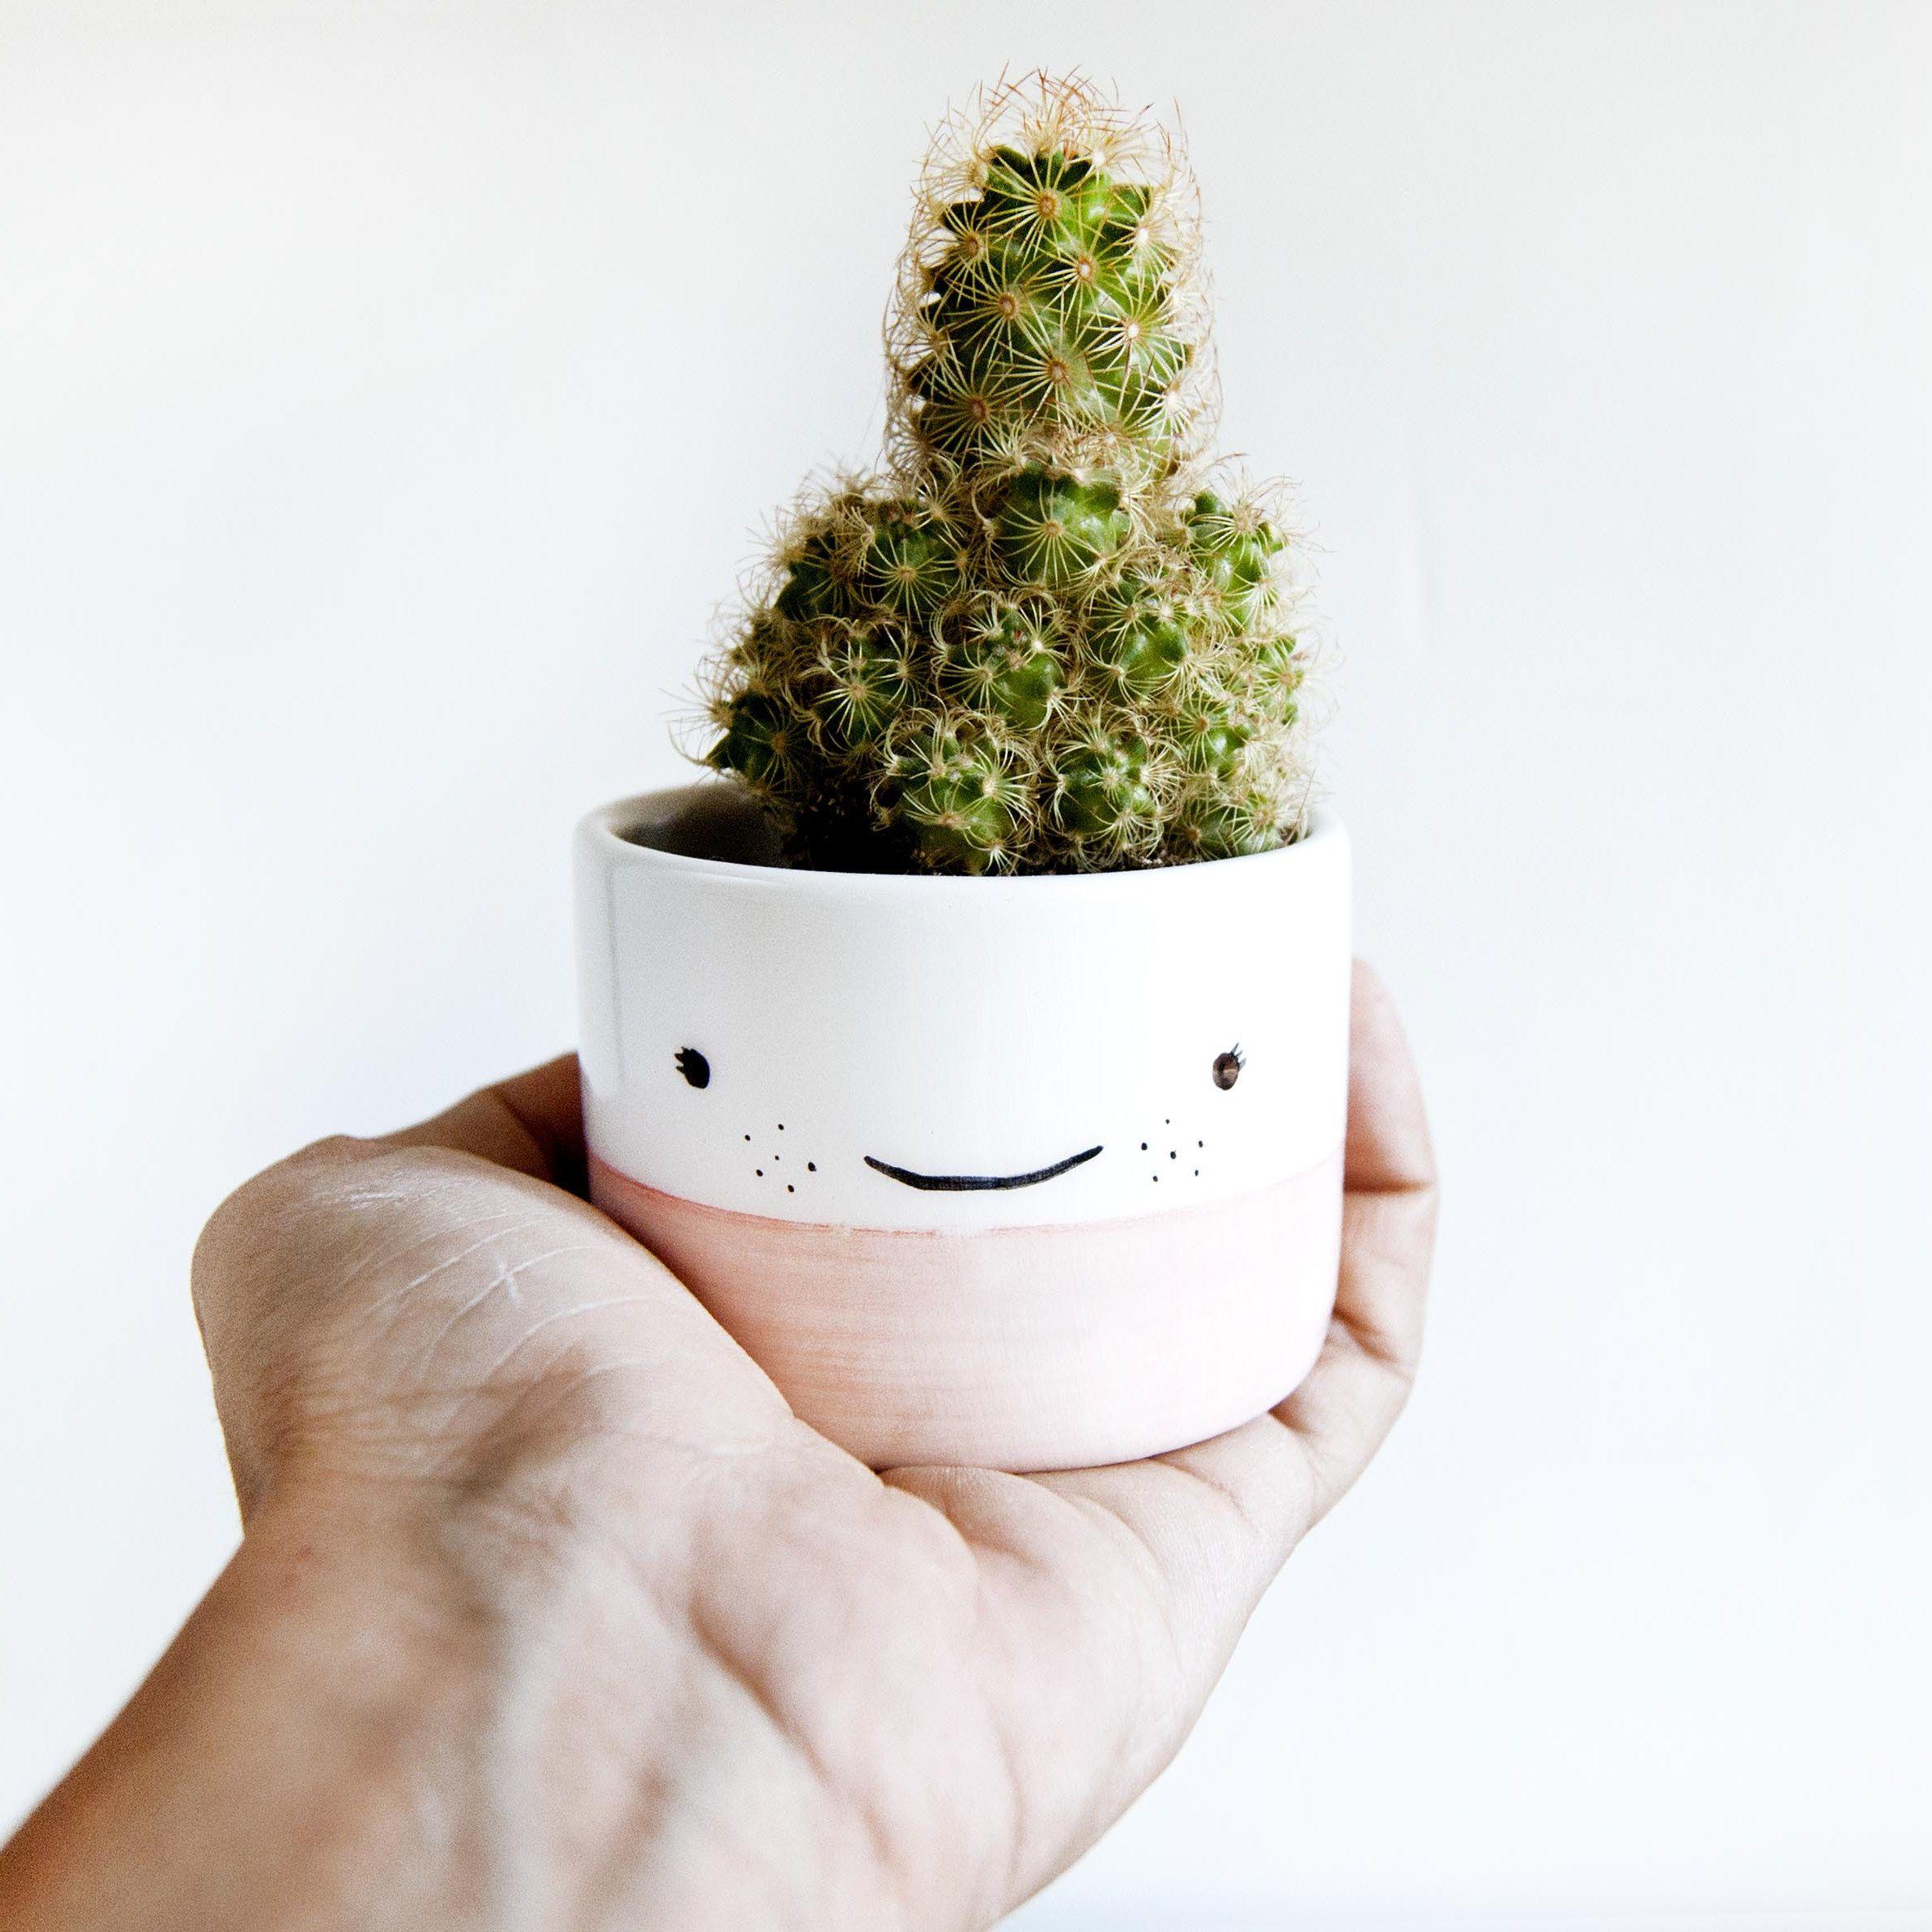 Explora los artículos únicos de noemarin en Etsy: el sitio global para comprar y vender mercancías hechas a mano, vintage y con creatividad.